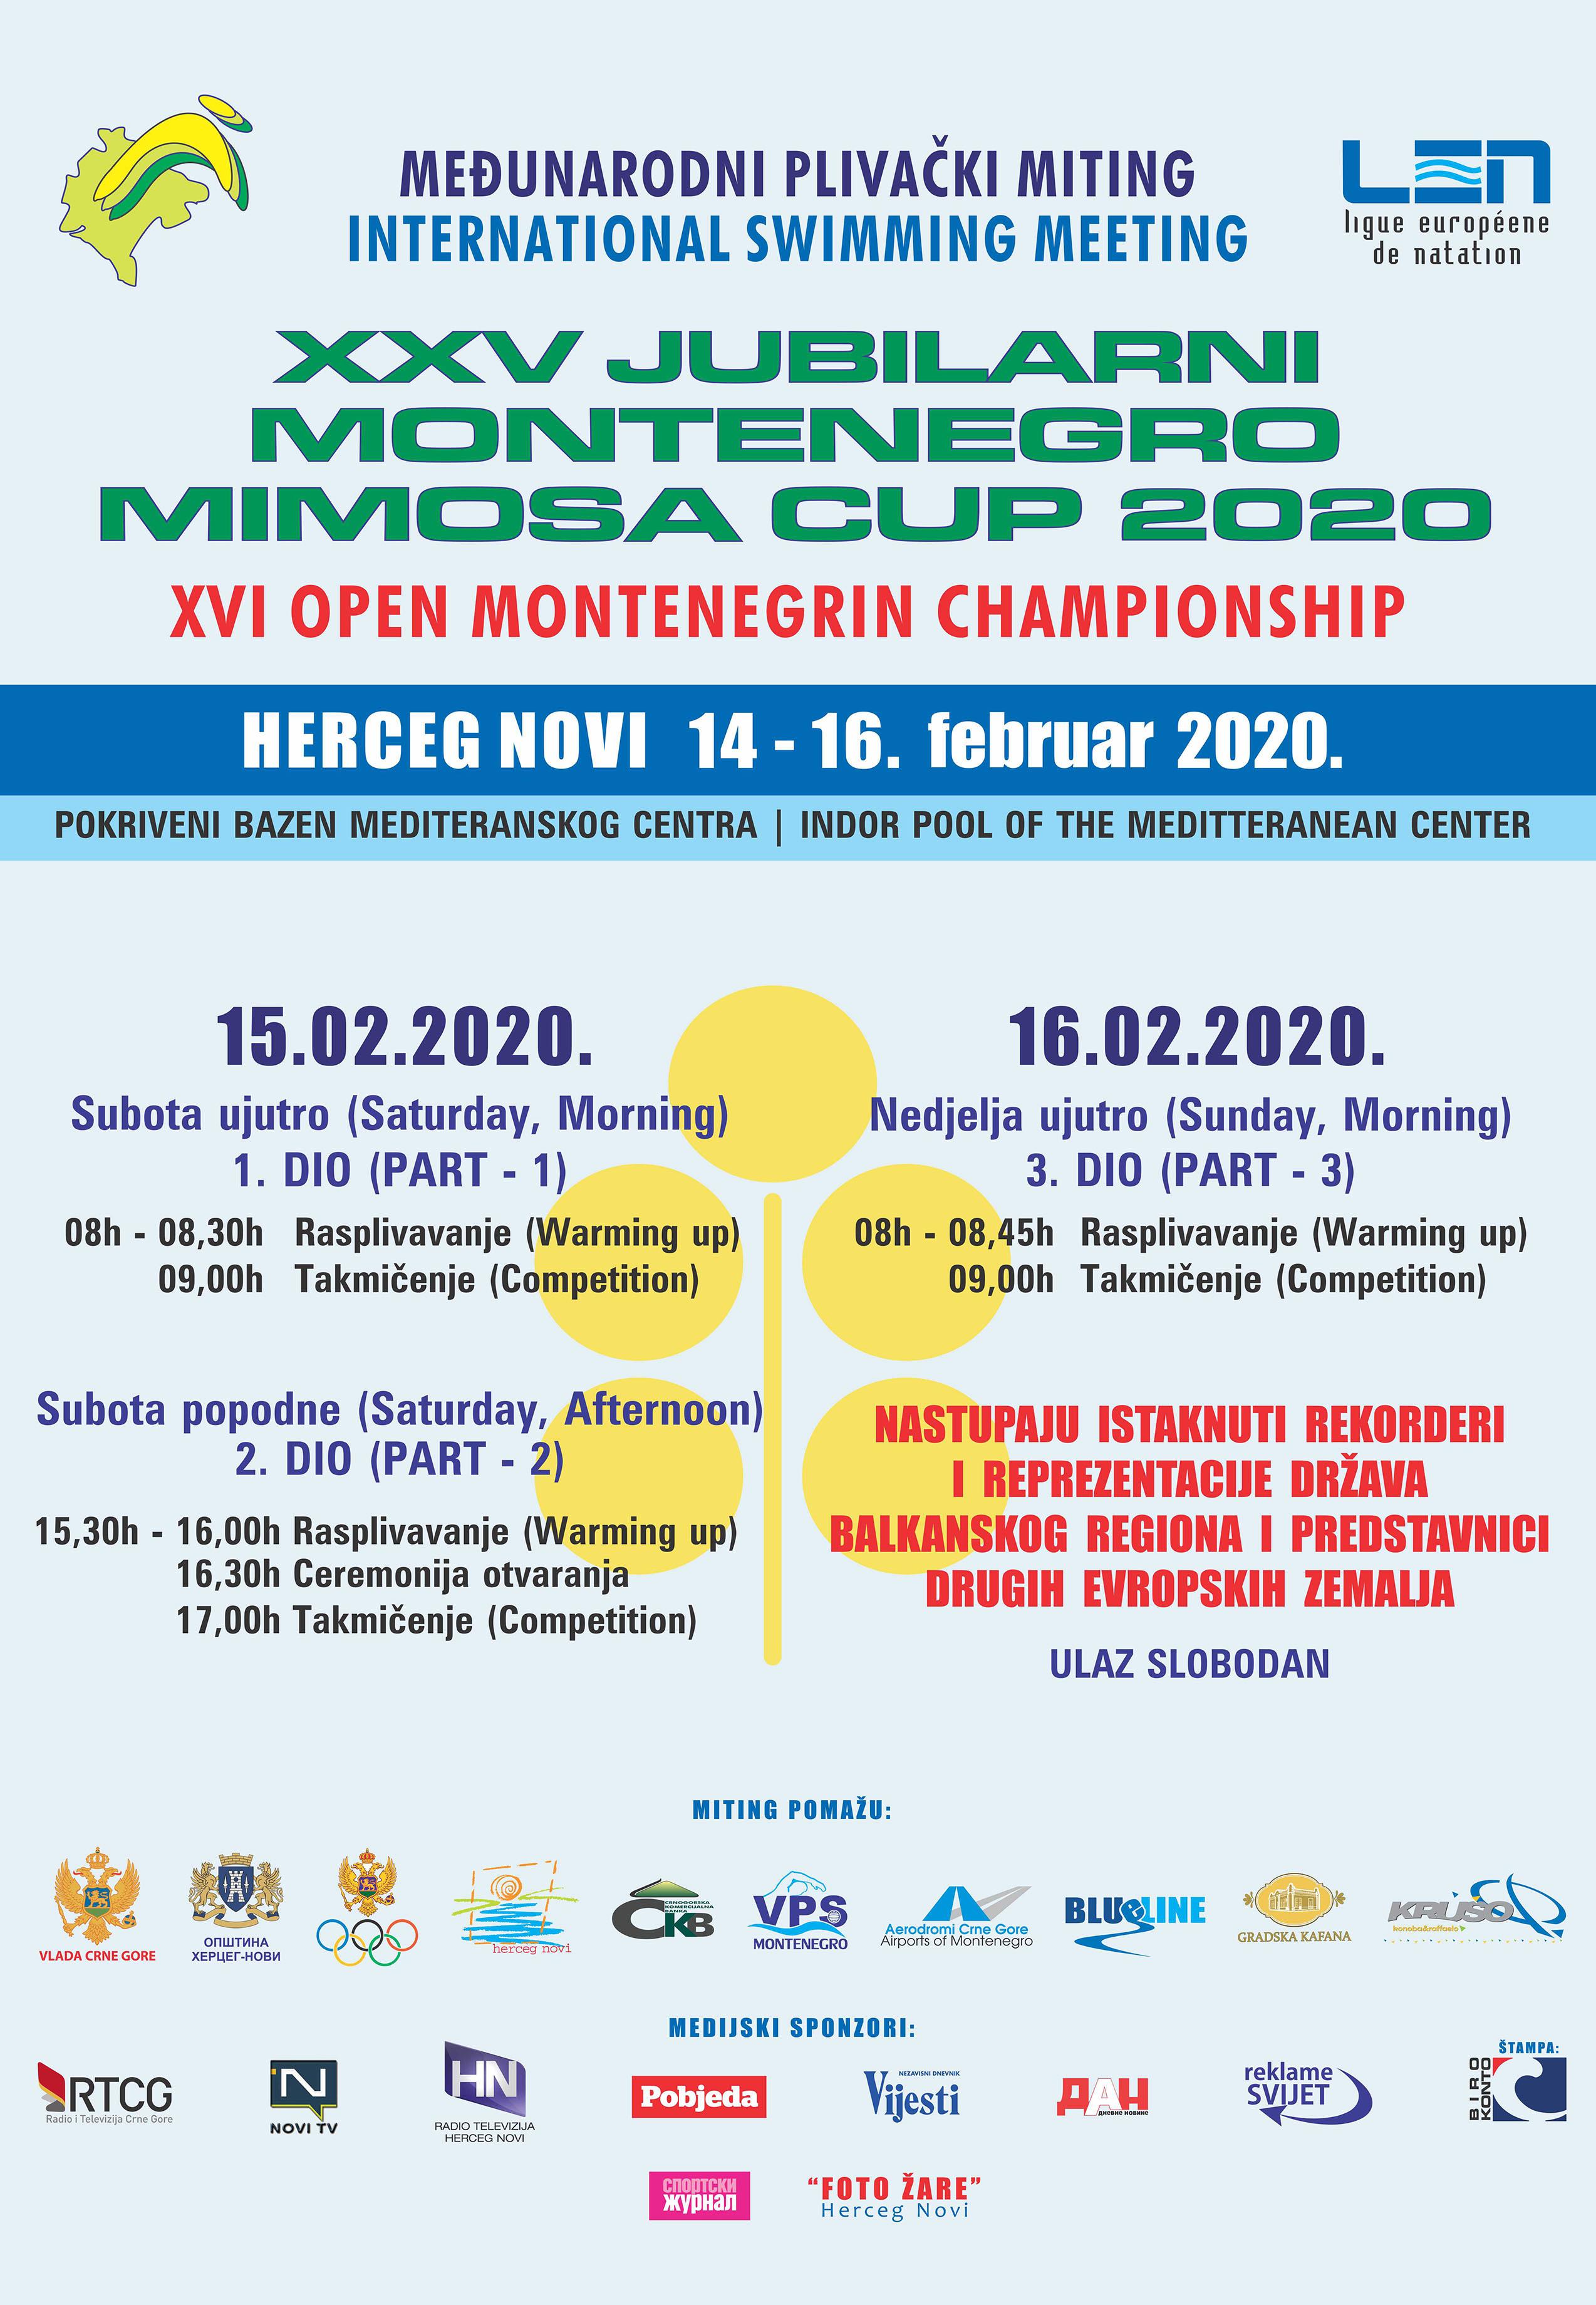 Плакат такмичења